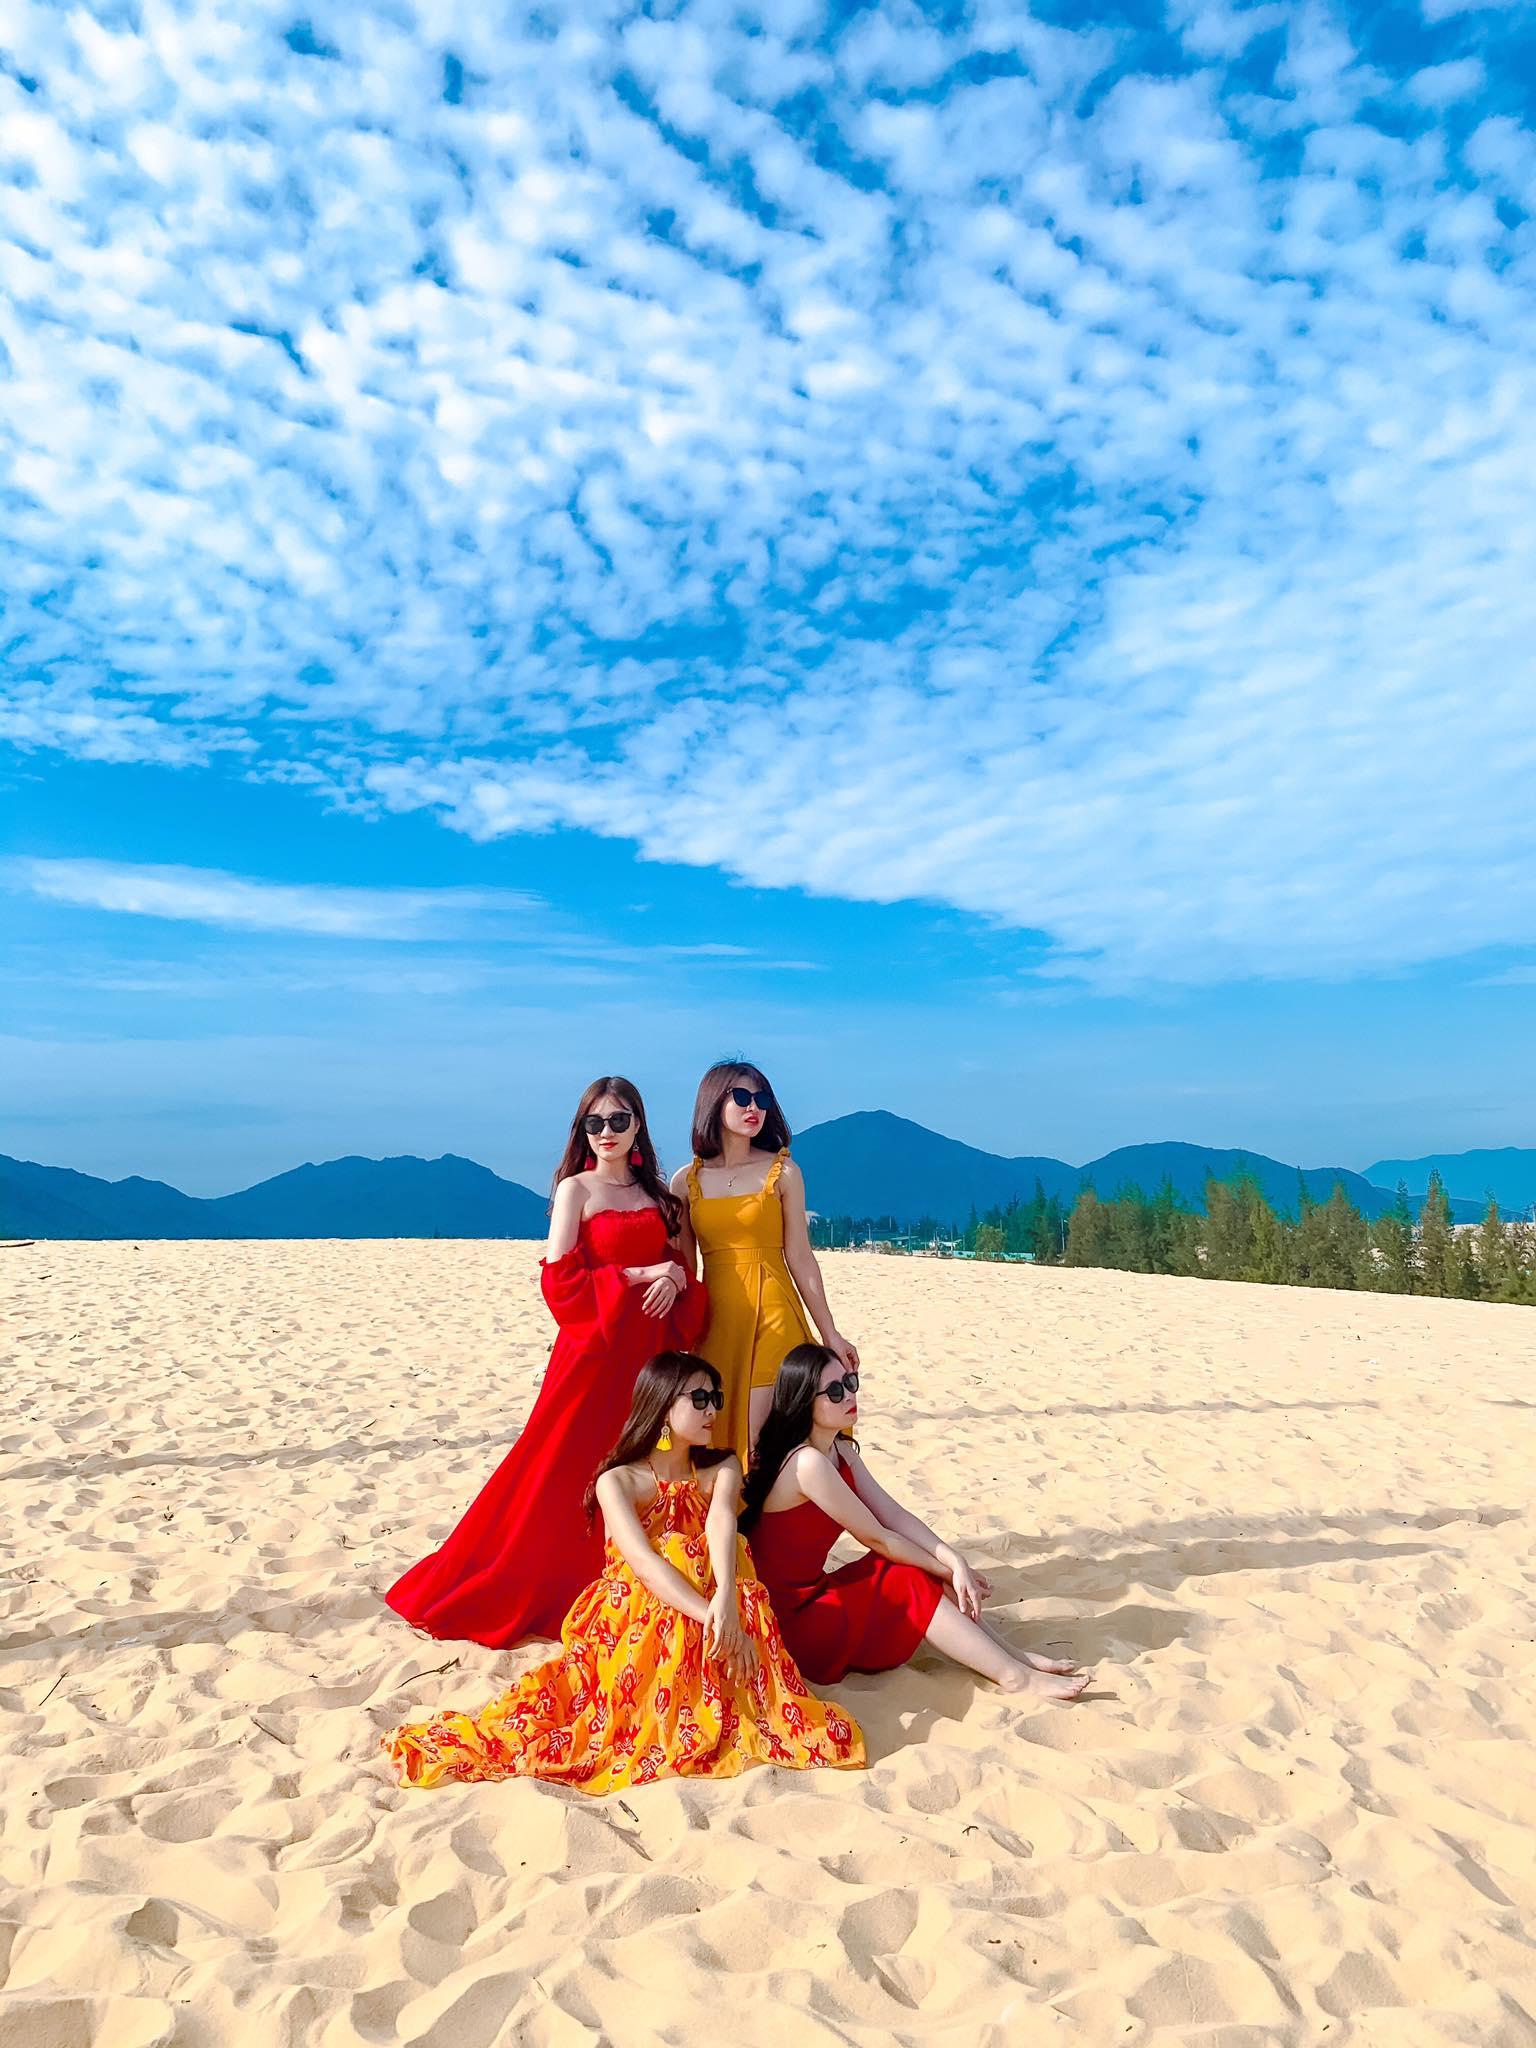 Tour du lịch Quy Nhơn từ Hà Nội: Du ngoạn 'Maldives của Việt Nam' với giá chỉ từ 650.000 đồng - Ảnh 6.